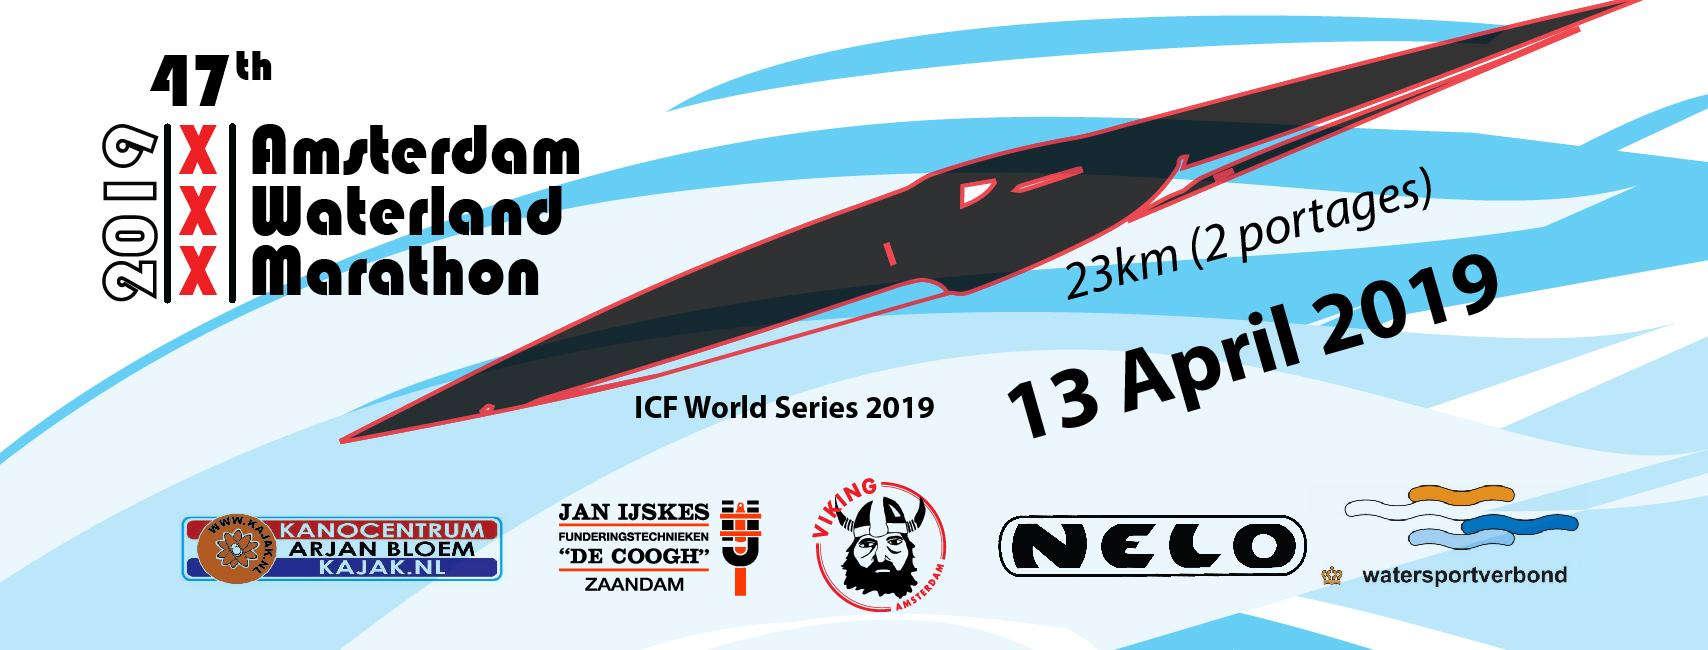 Entry9 Banner Wlm 2019 01 Amsterdam Waterland Marathon